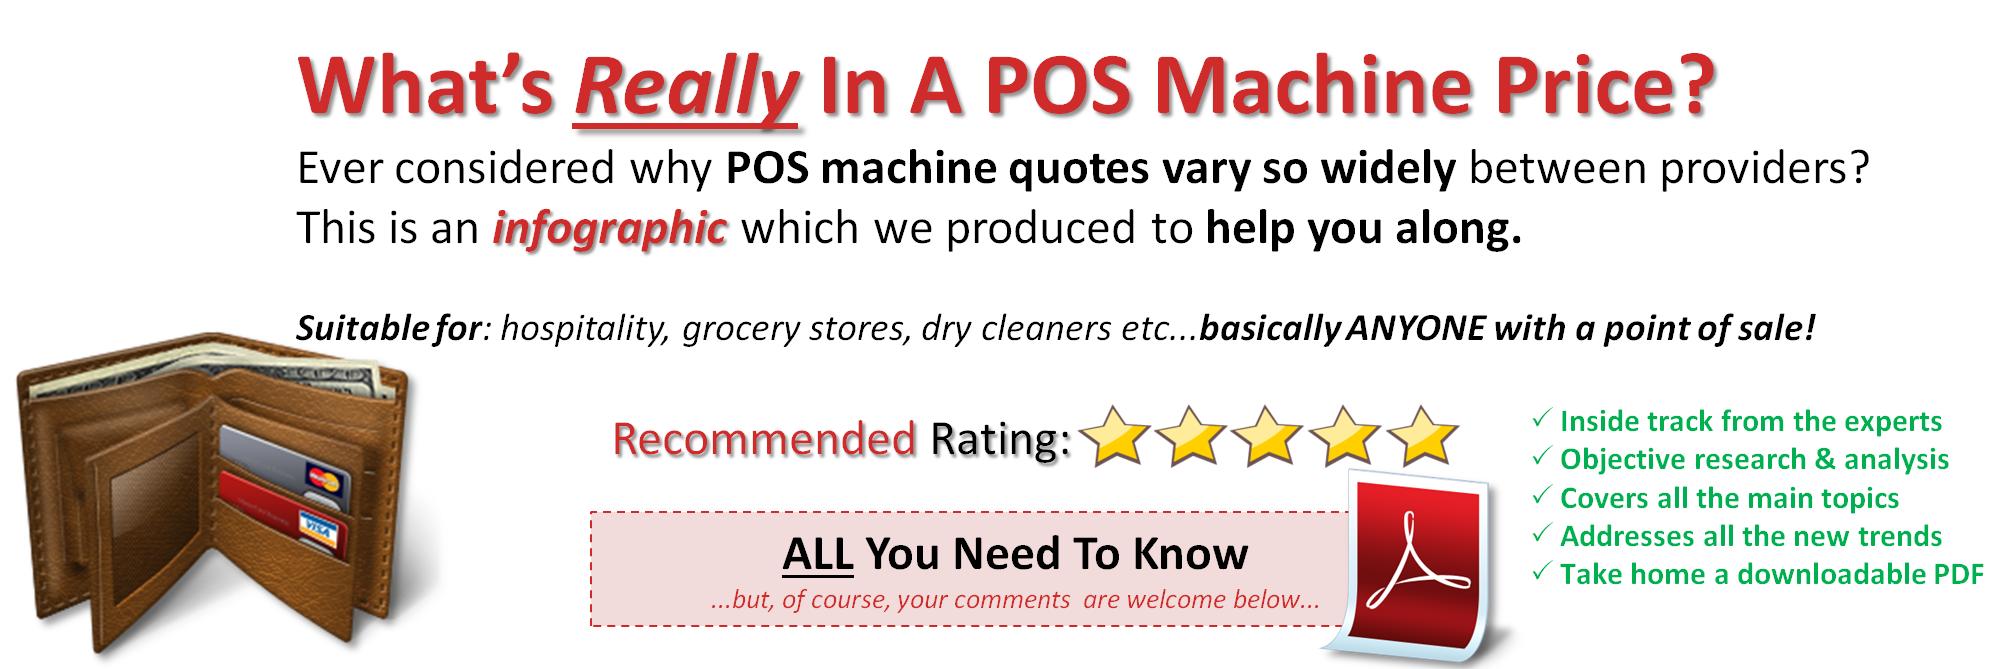 POS Machine Price